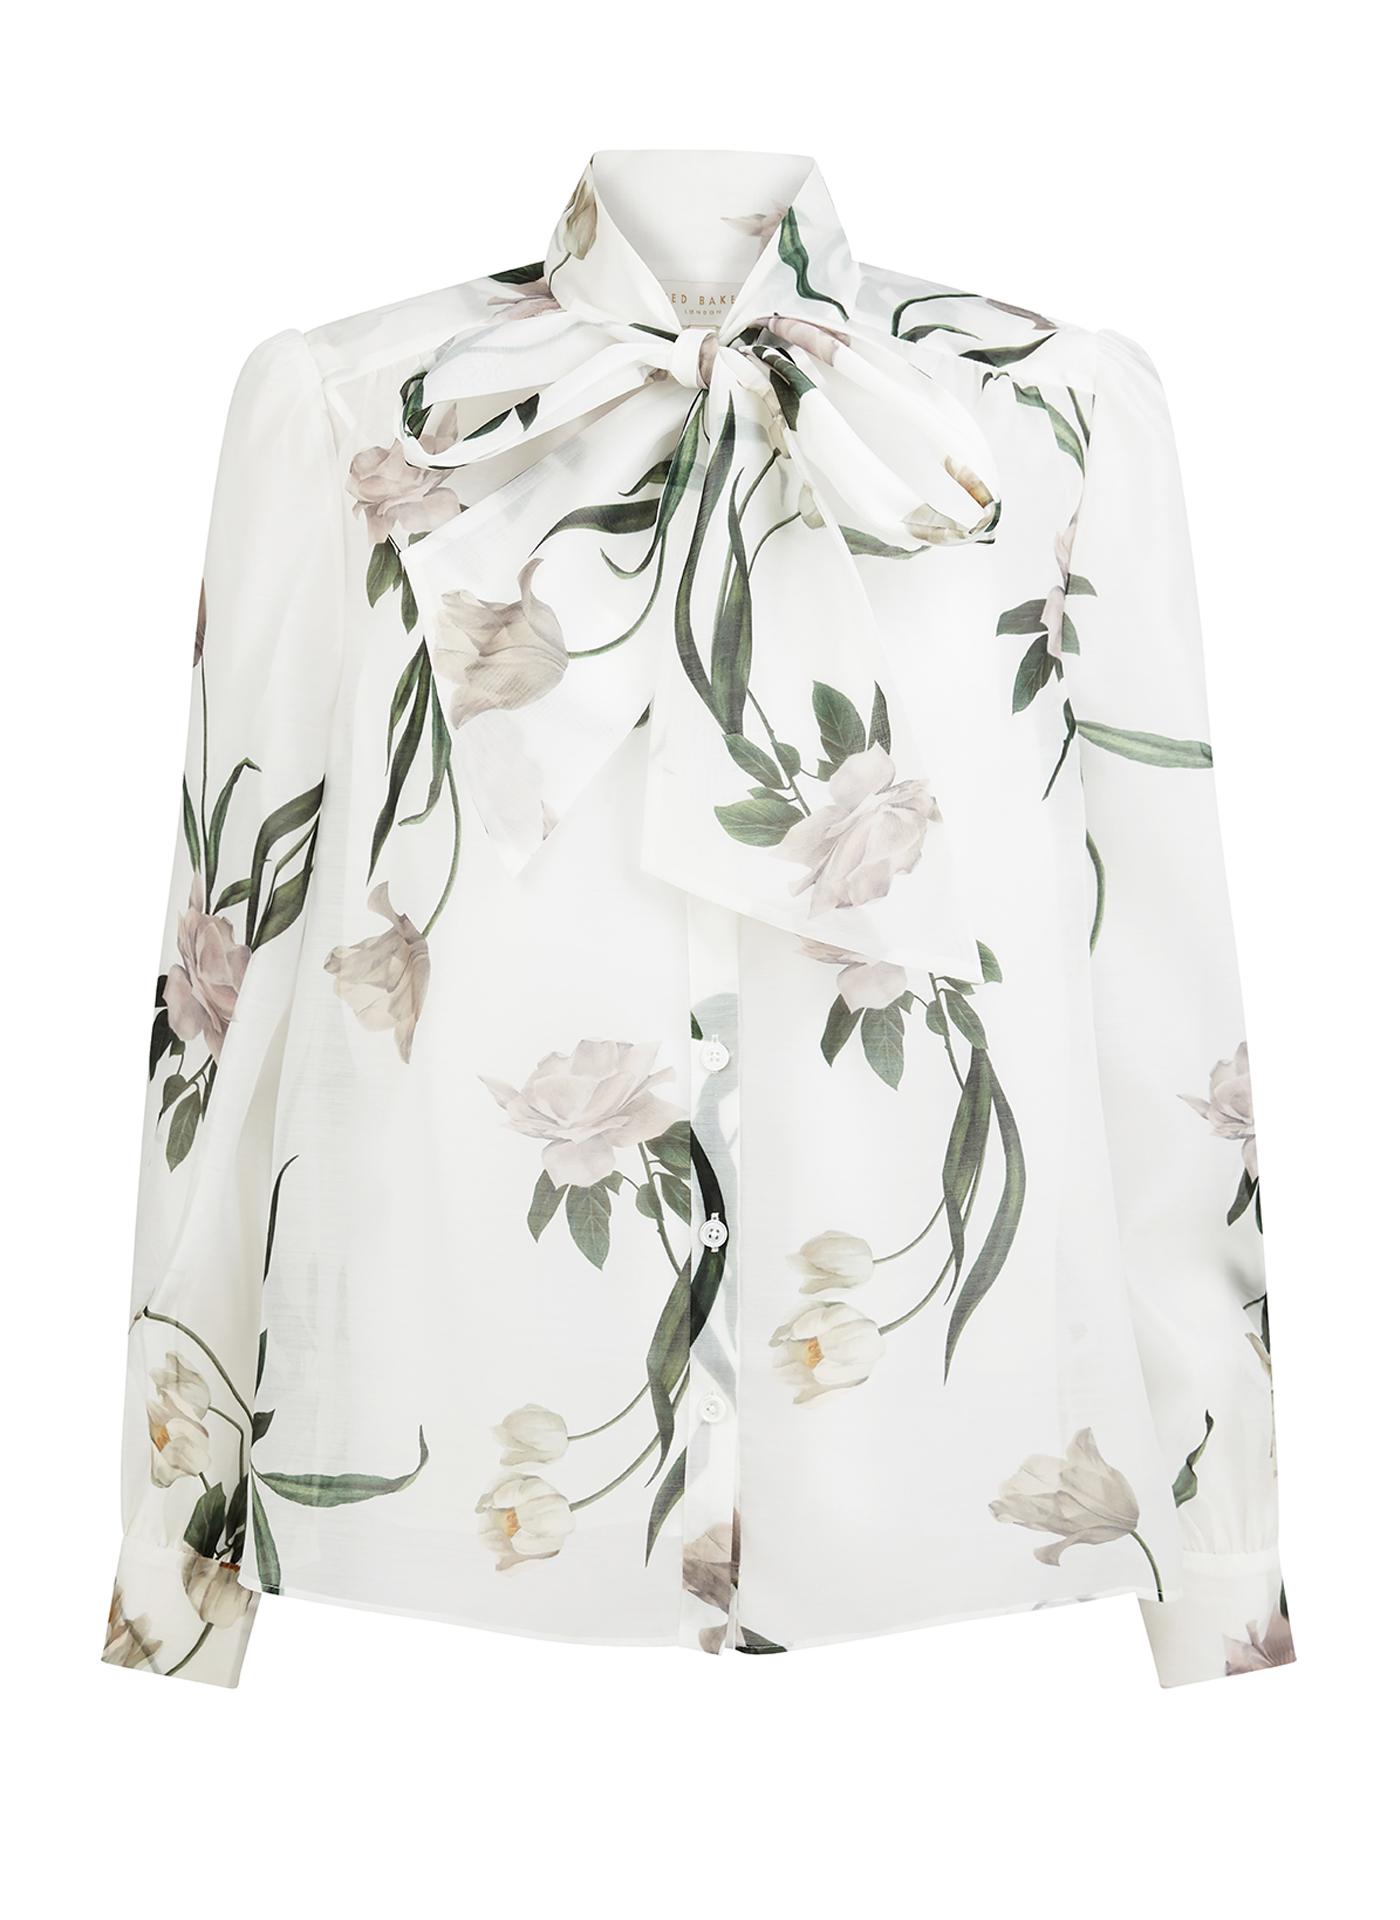 Light Ted Baker floral shirt on white